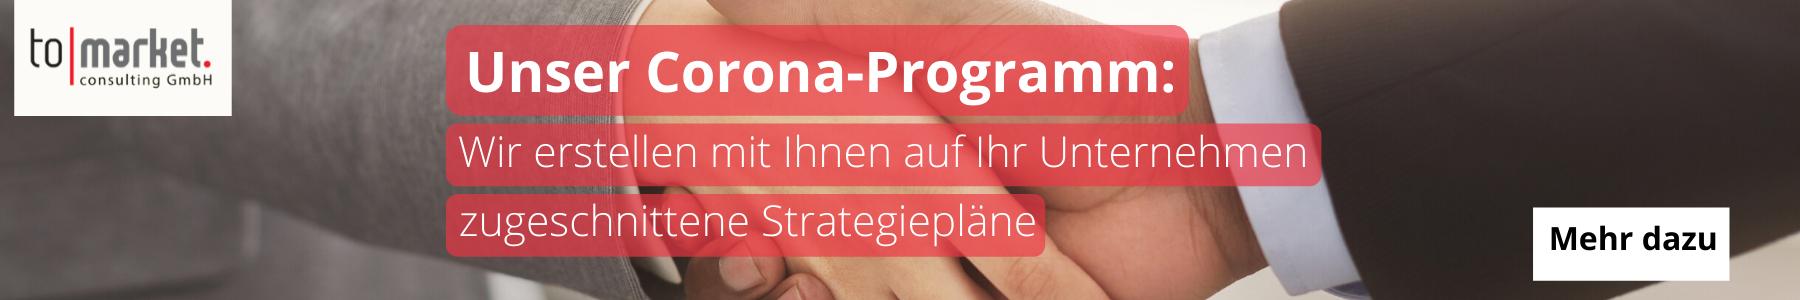 Das Corona-Programm des Beratungshauses tomarket bietet Unterstützung beim Marketing und der Entwicklung einer Unternehmensstrategie  Welche Sonderprogramme bietet die KfW-Bank während der Krise? Corona Programm